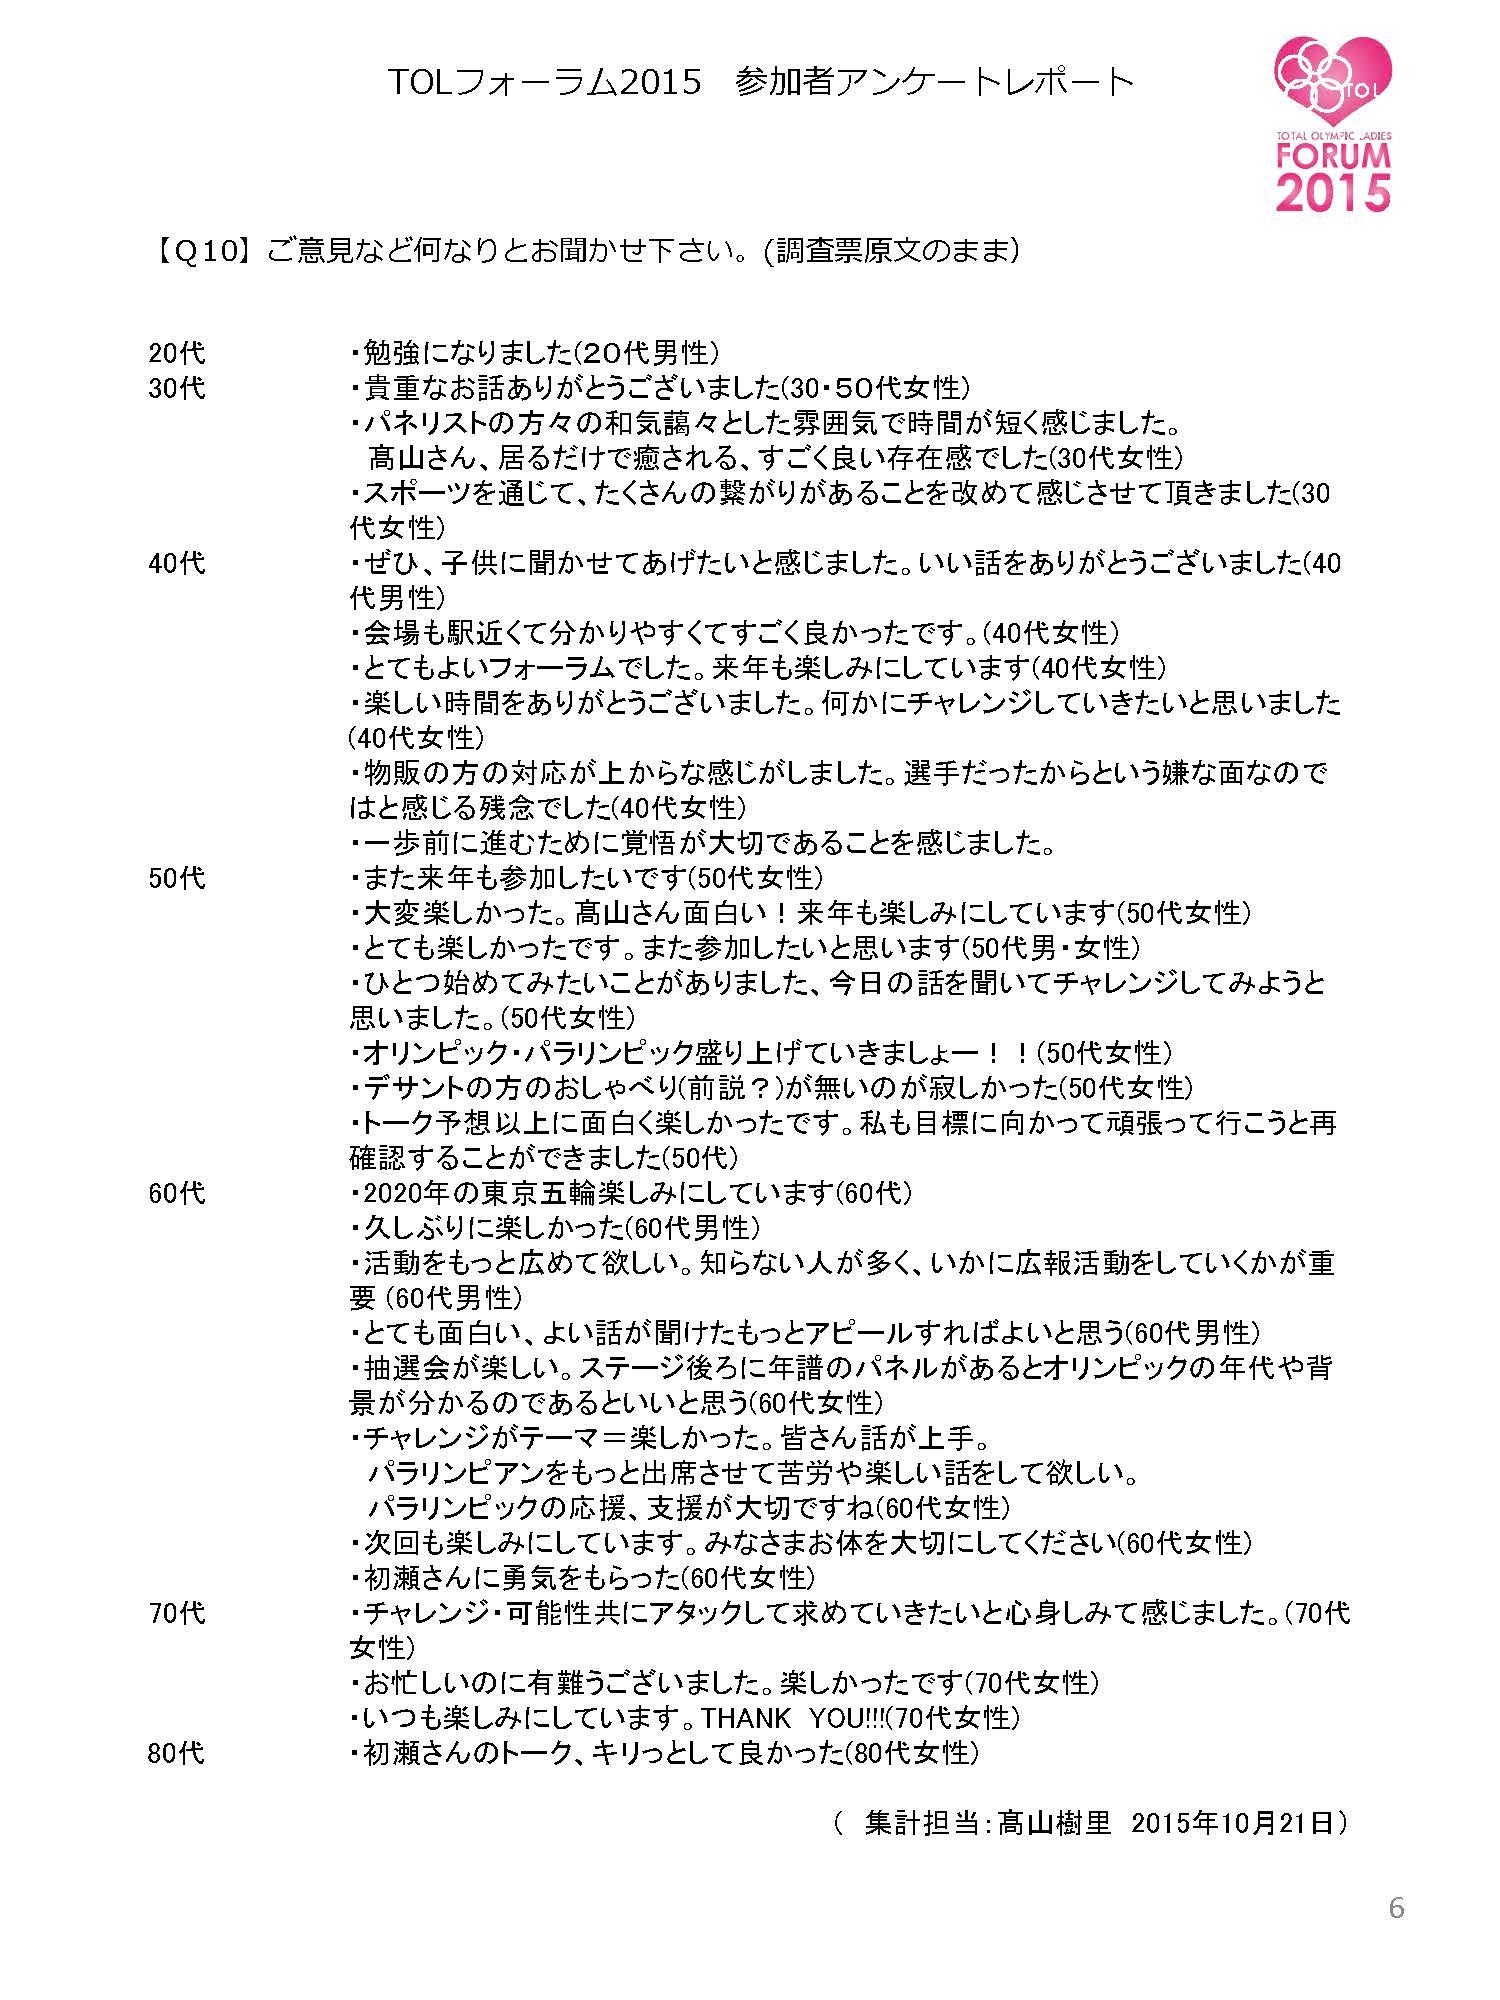 「TOLフォーラム2015」アンケート集計報告書_ページ_6